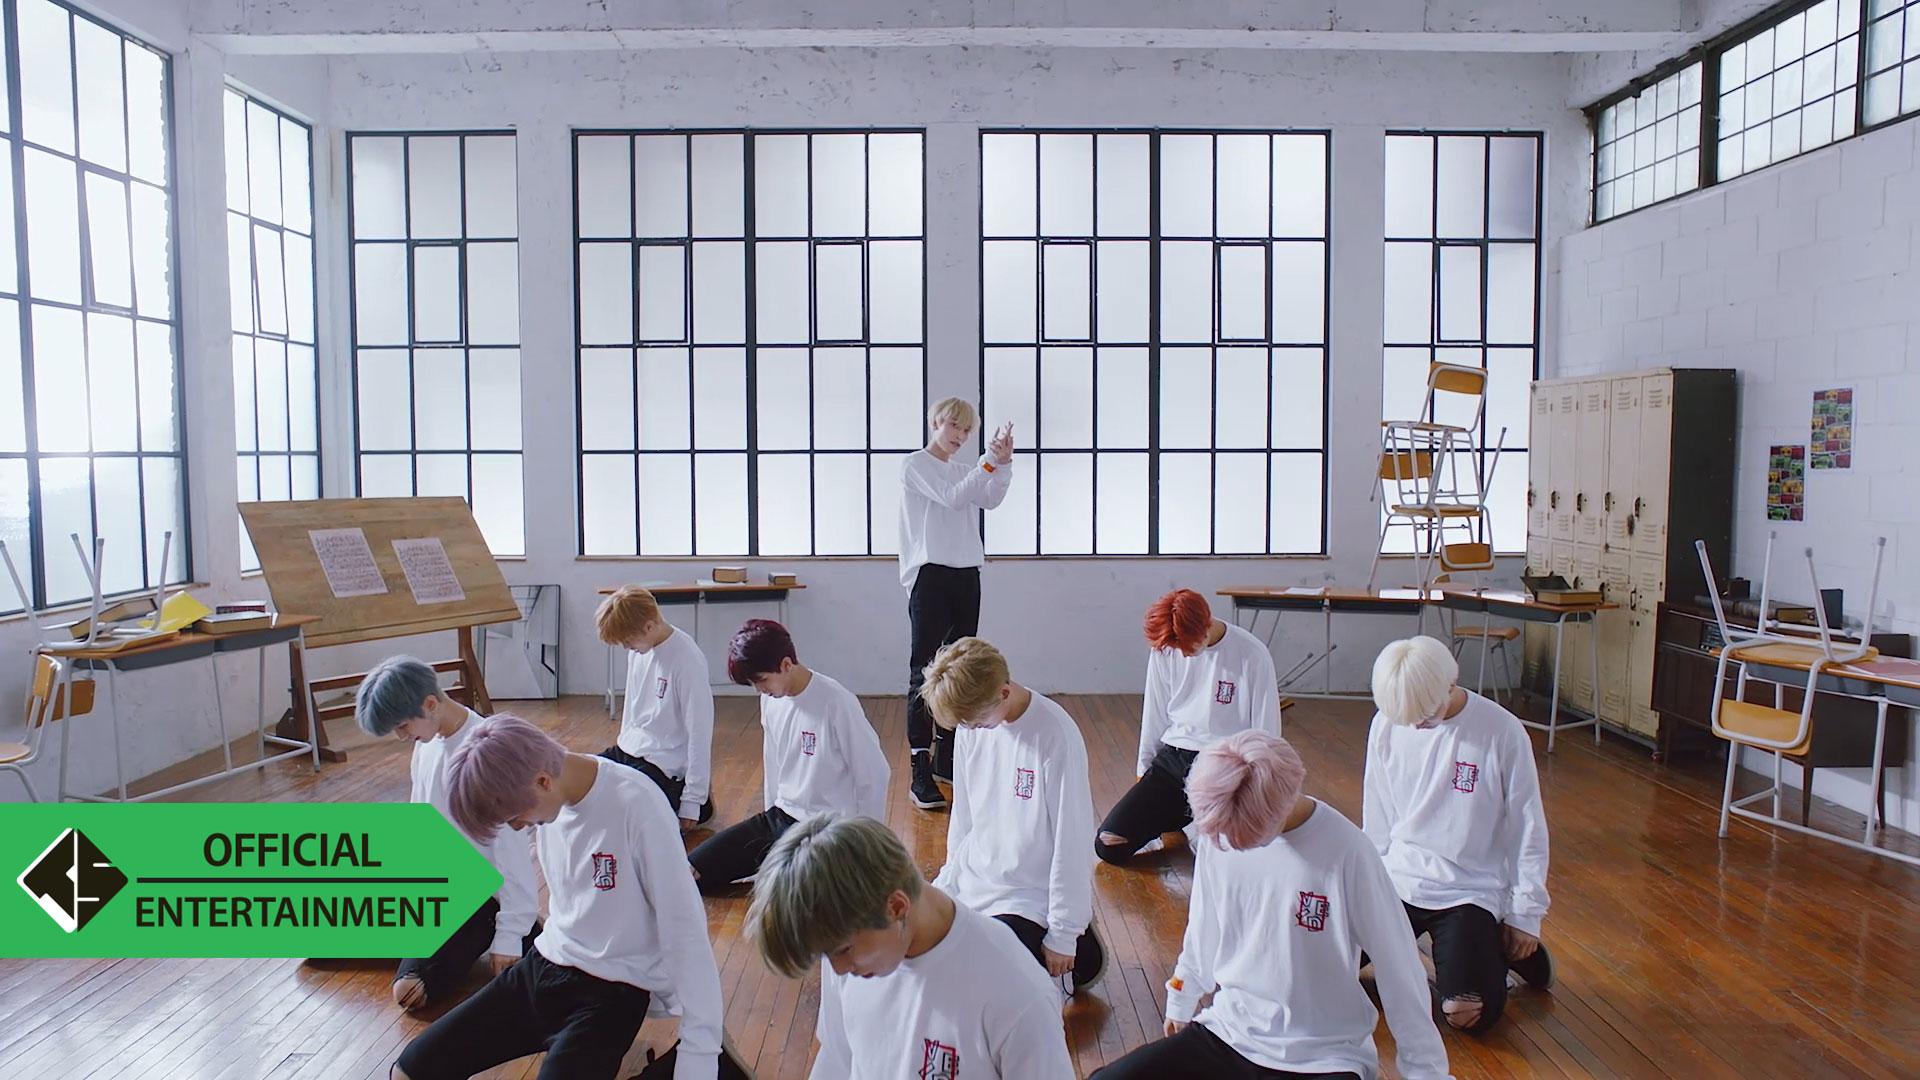 TRCNG - MISSING M/V Choreography Ver. 1